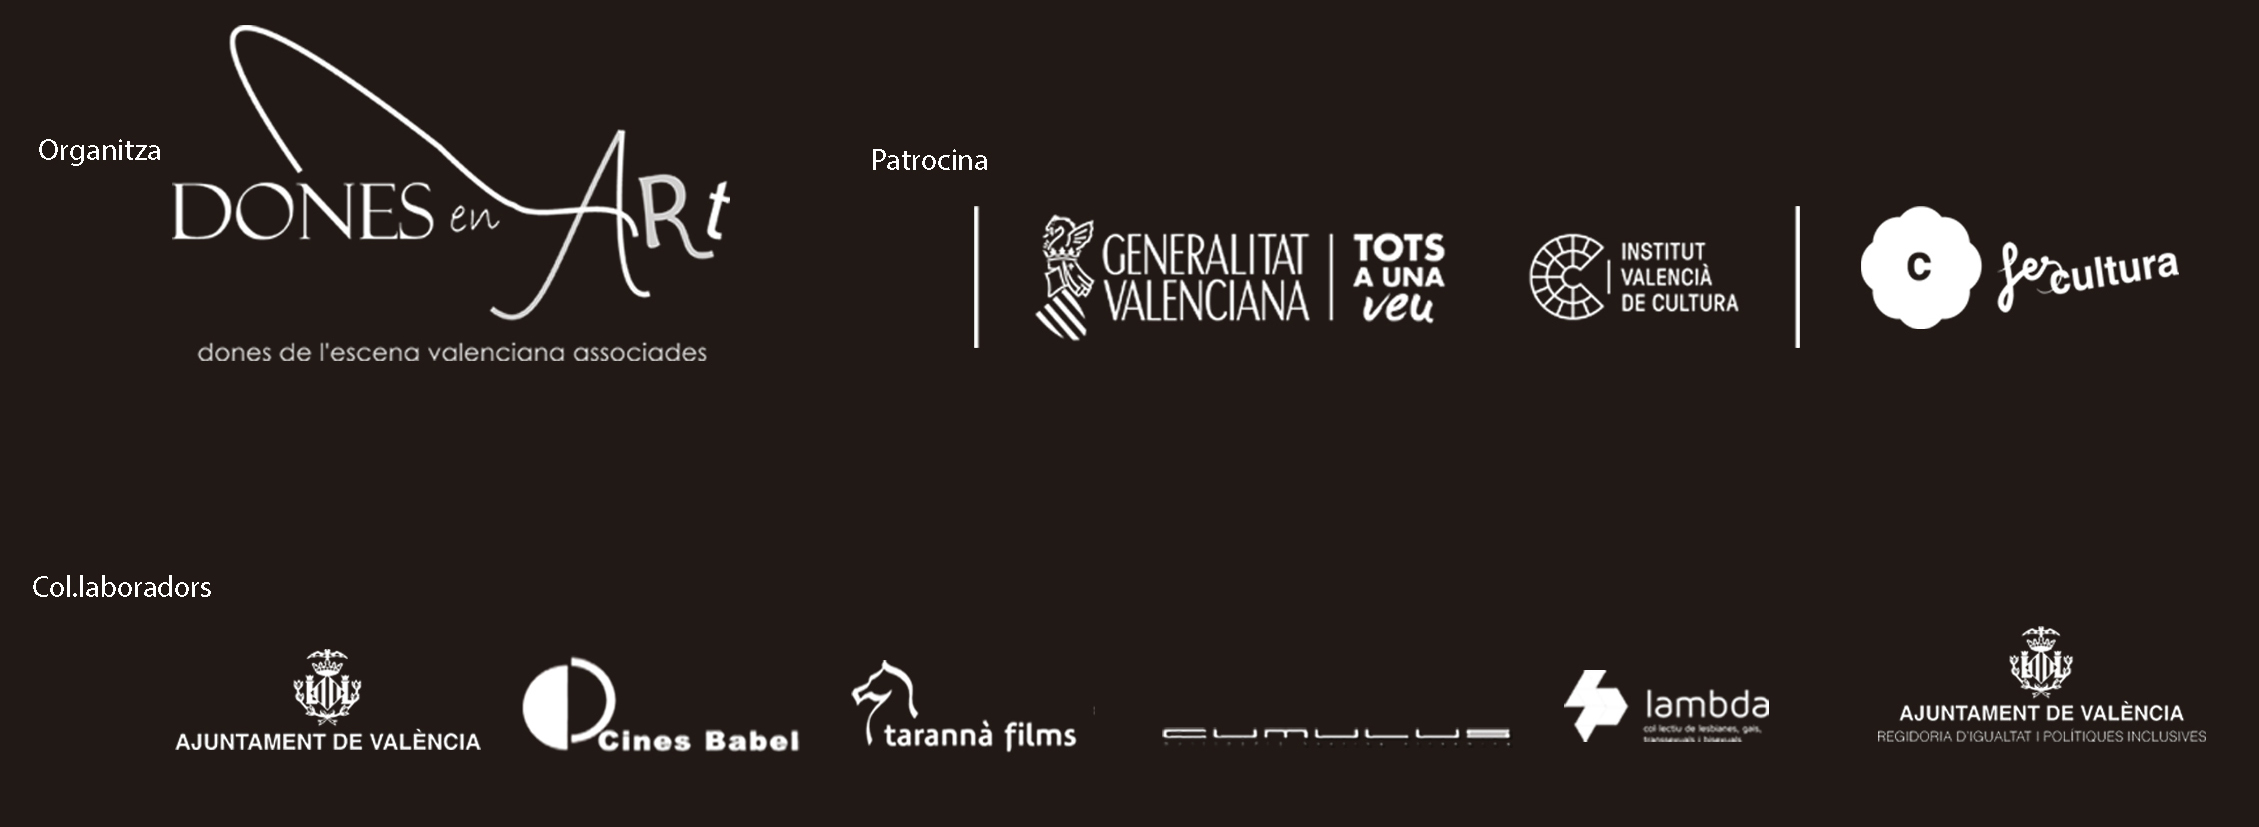 logos ciclo palmares